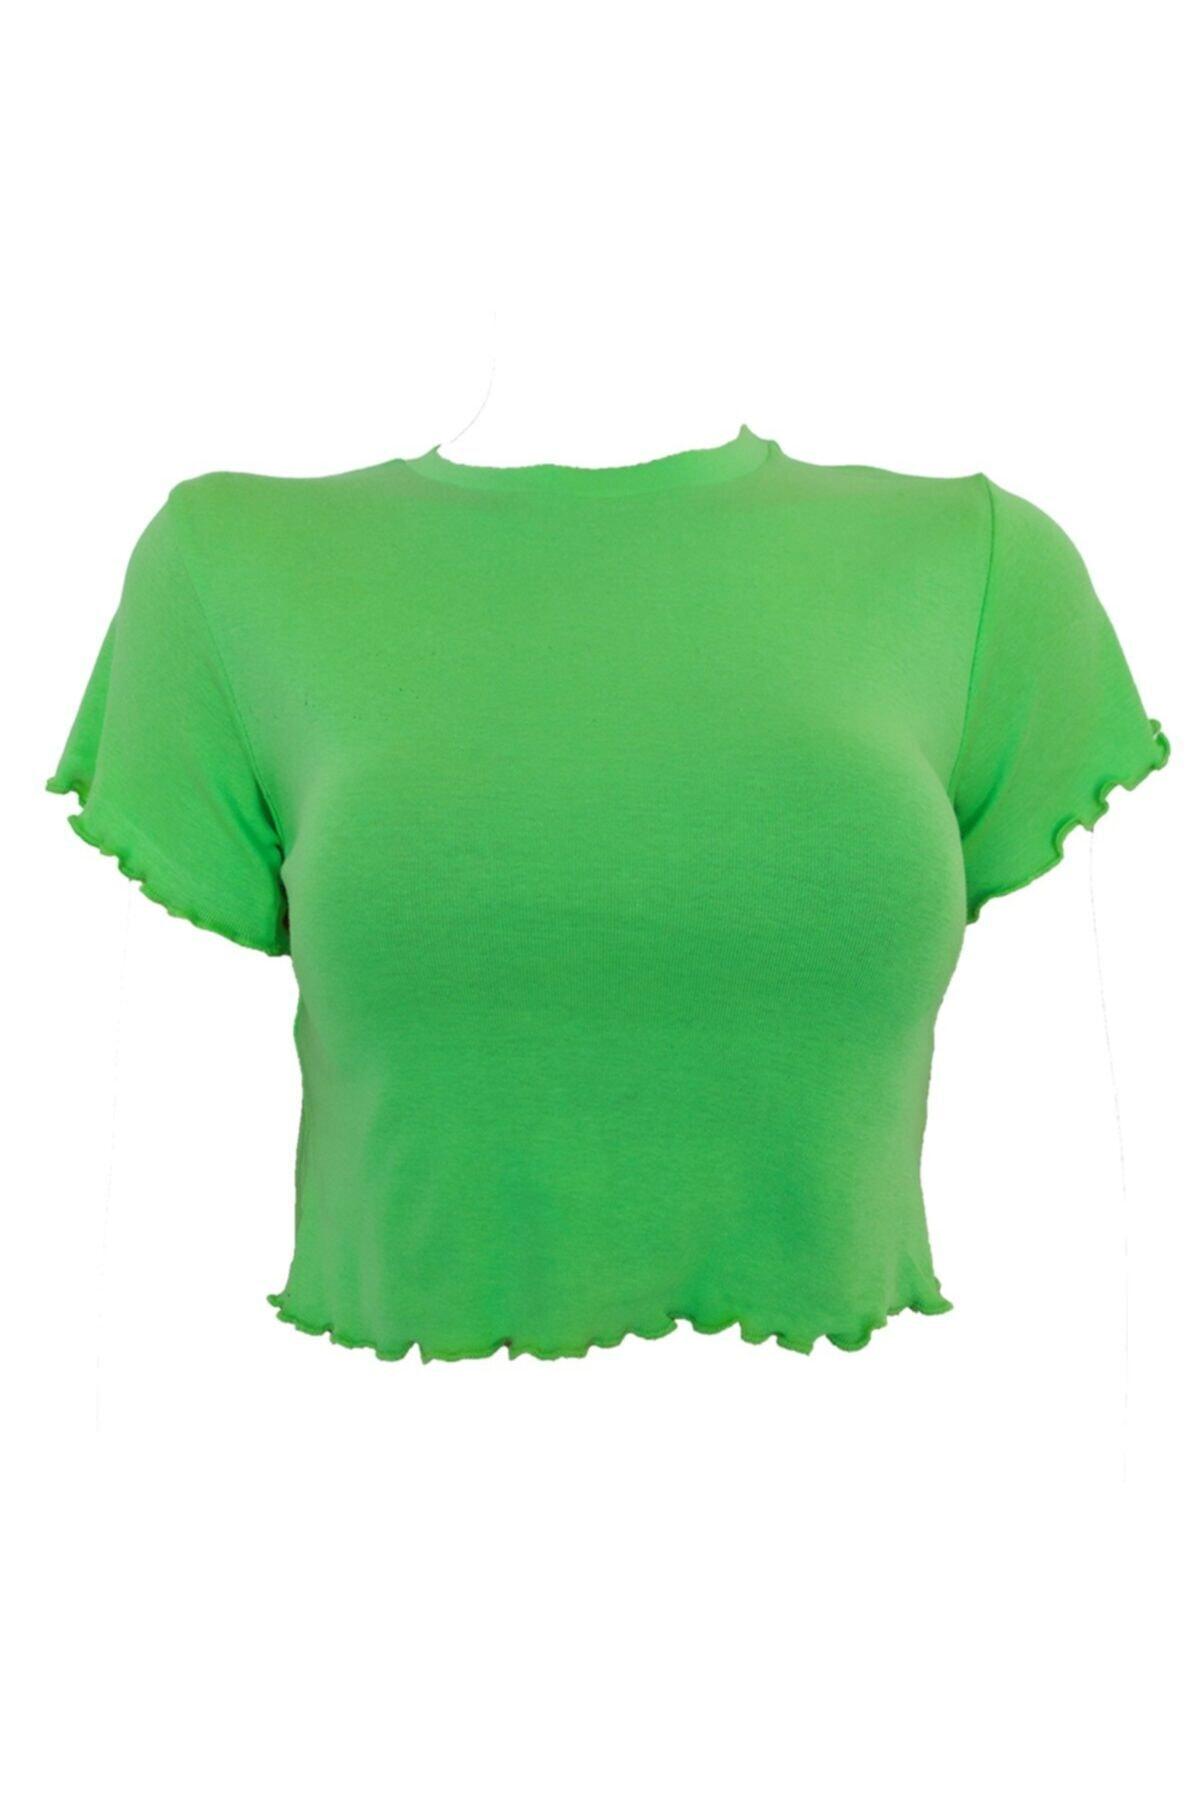 Kadın Düz Renk Yuvarlak Yaka Kısa Kollu Fırfırlı Crop T-shirt